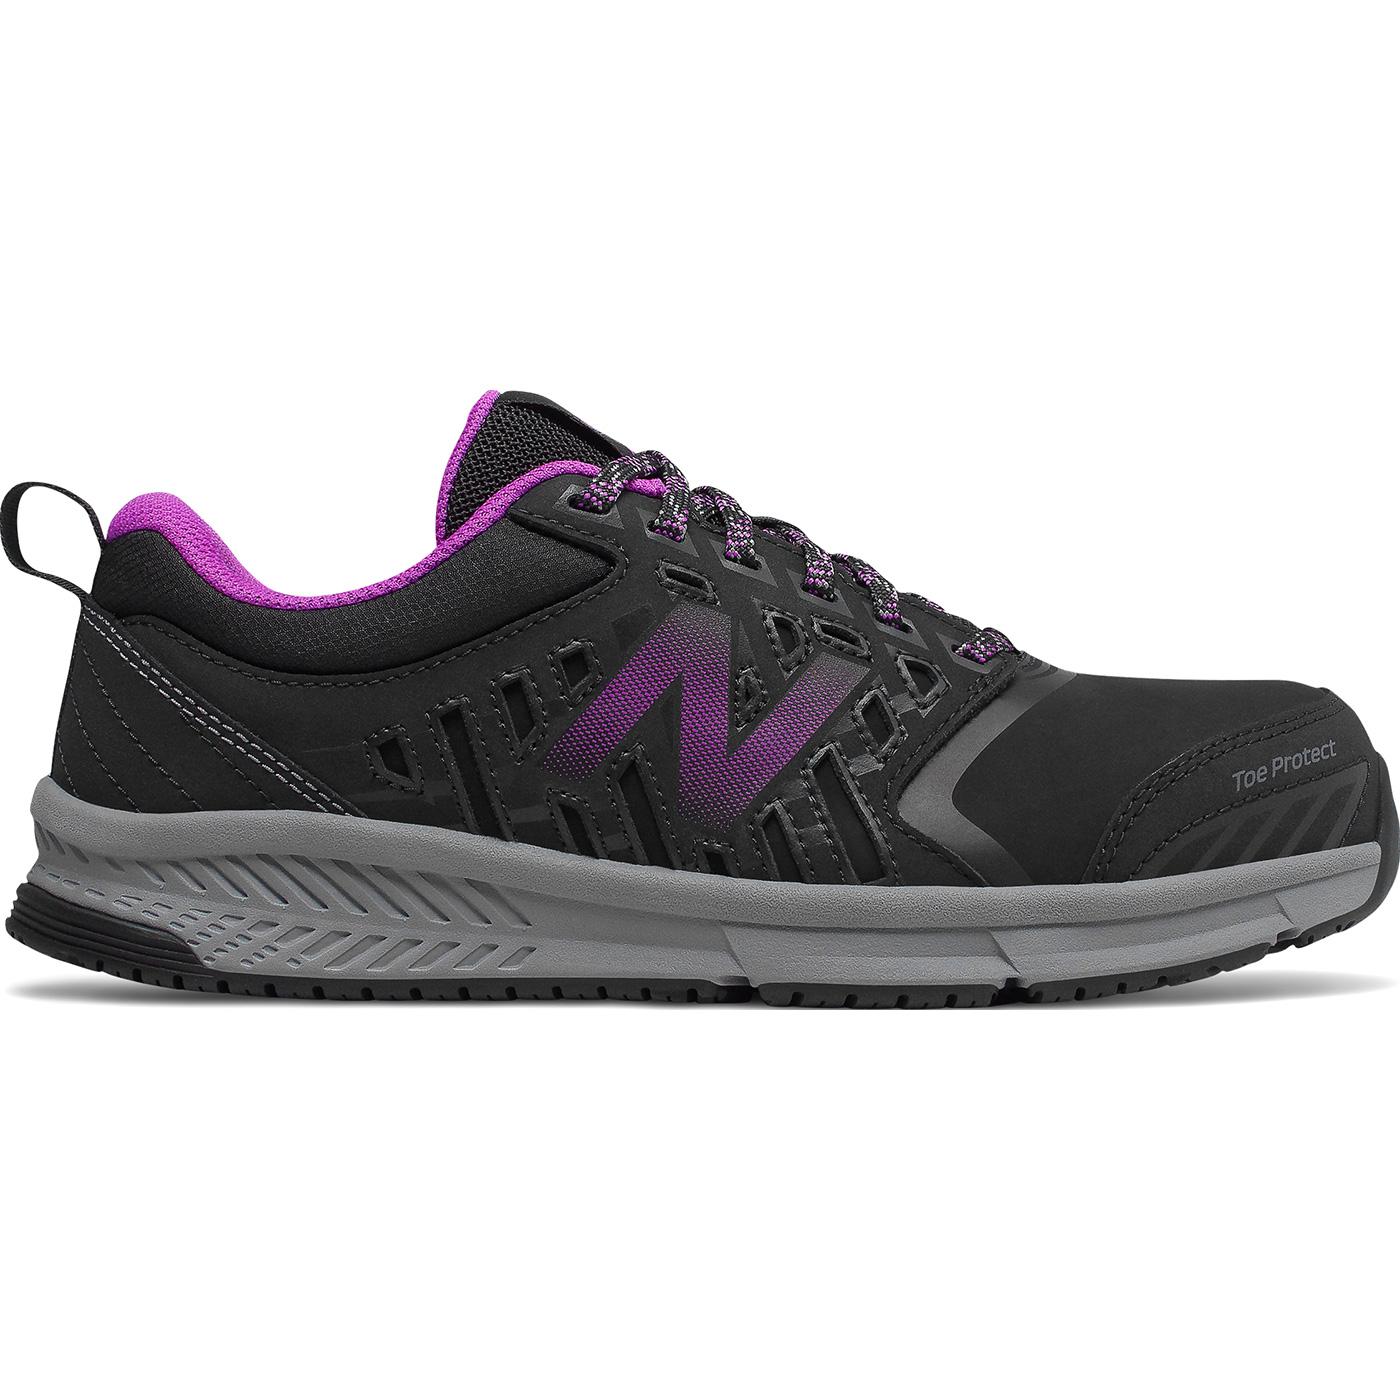 88d349e7eb98b New Balance 412v1 Women's Alloy Toe Black Athletic Work ShoesNew Balance  412v1 Women's Alloy Toe Black Athletic Work Shoes,